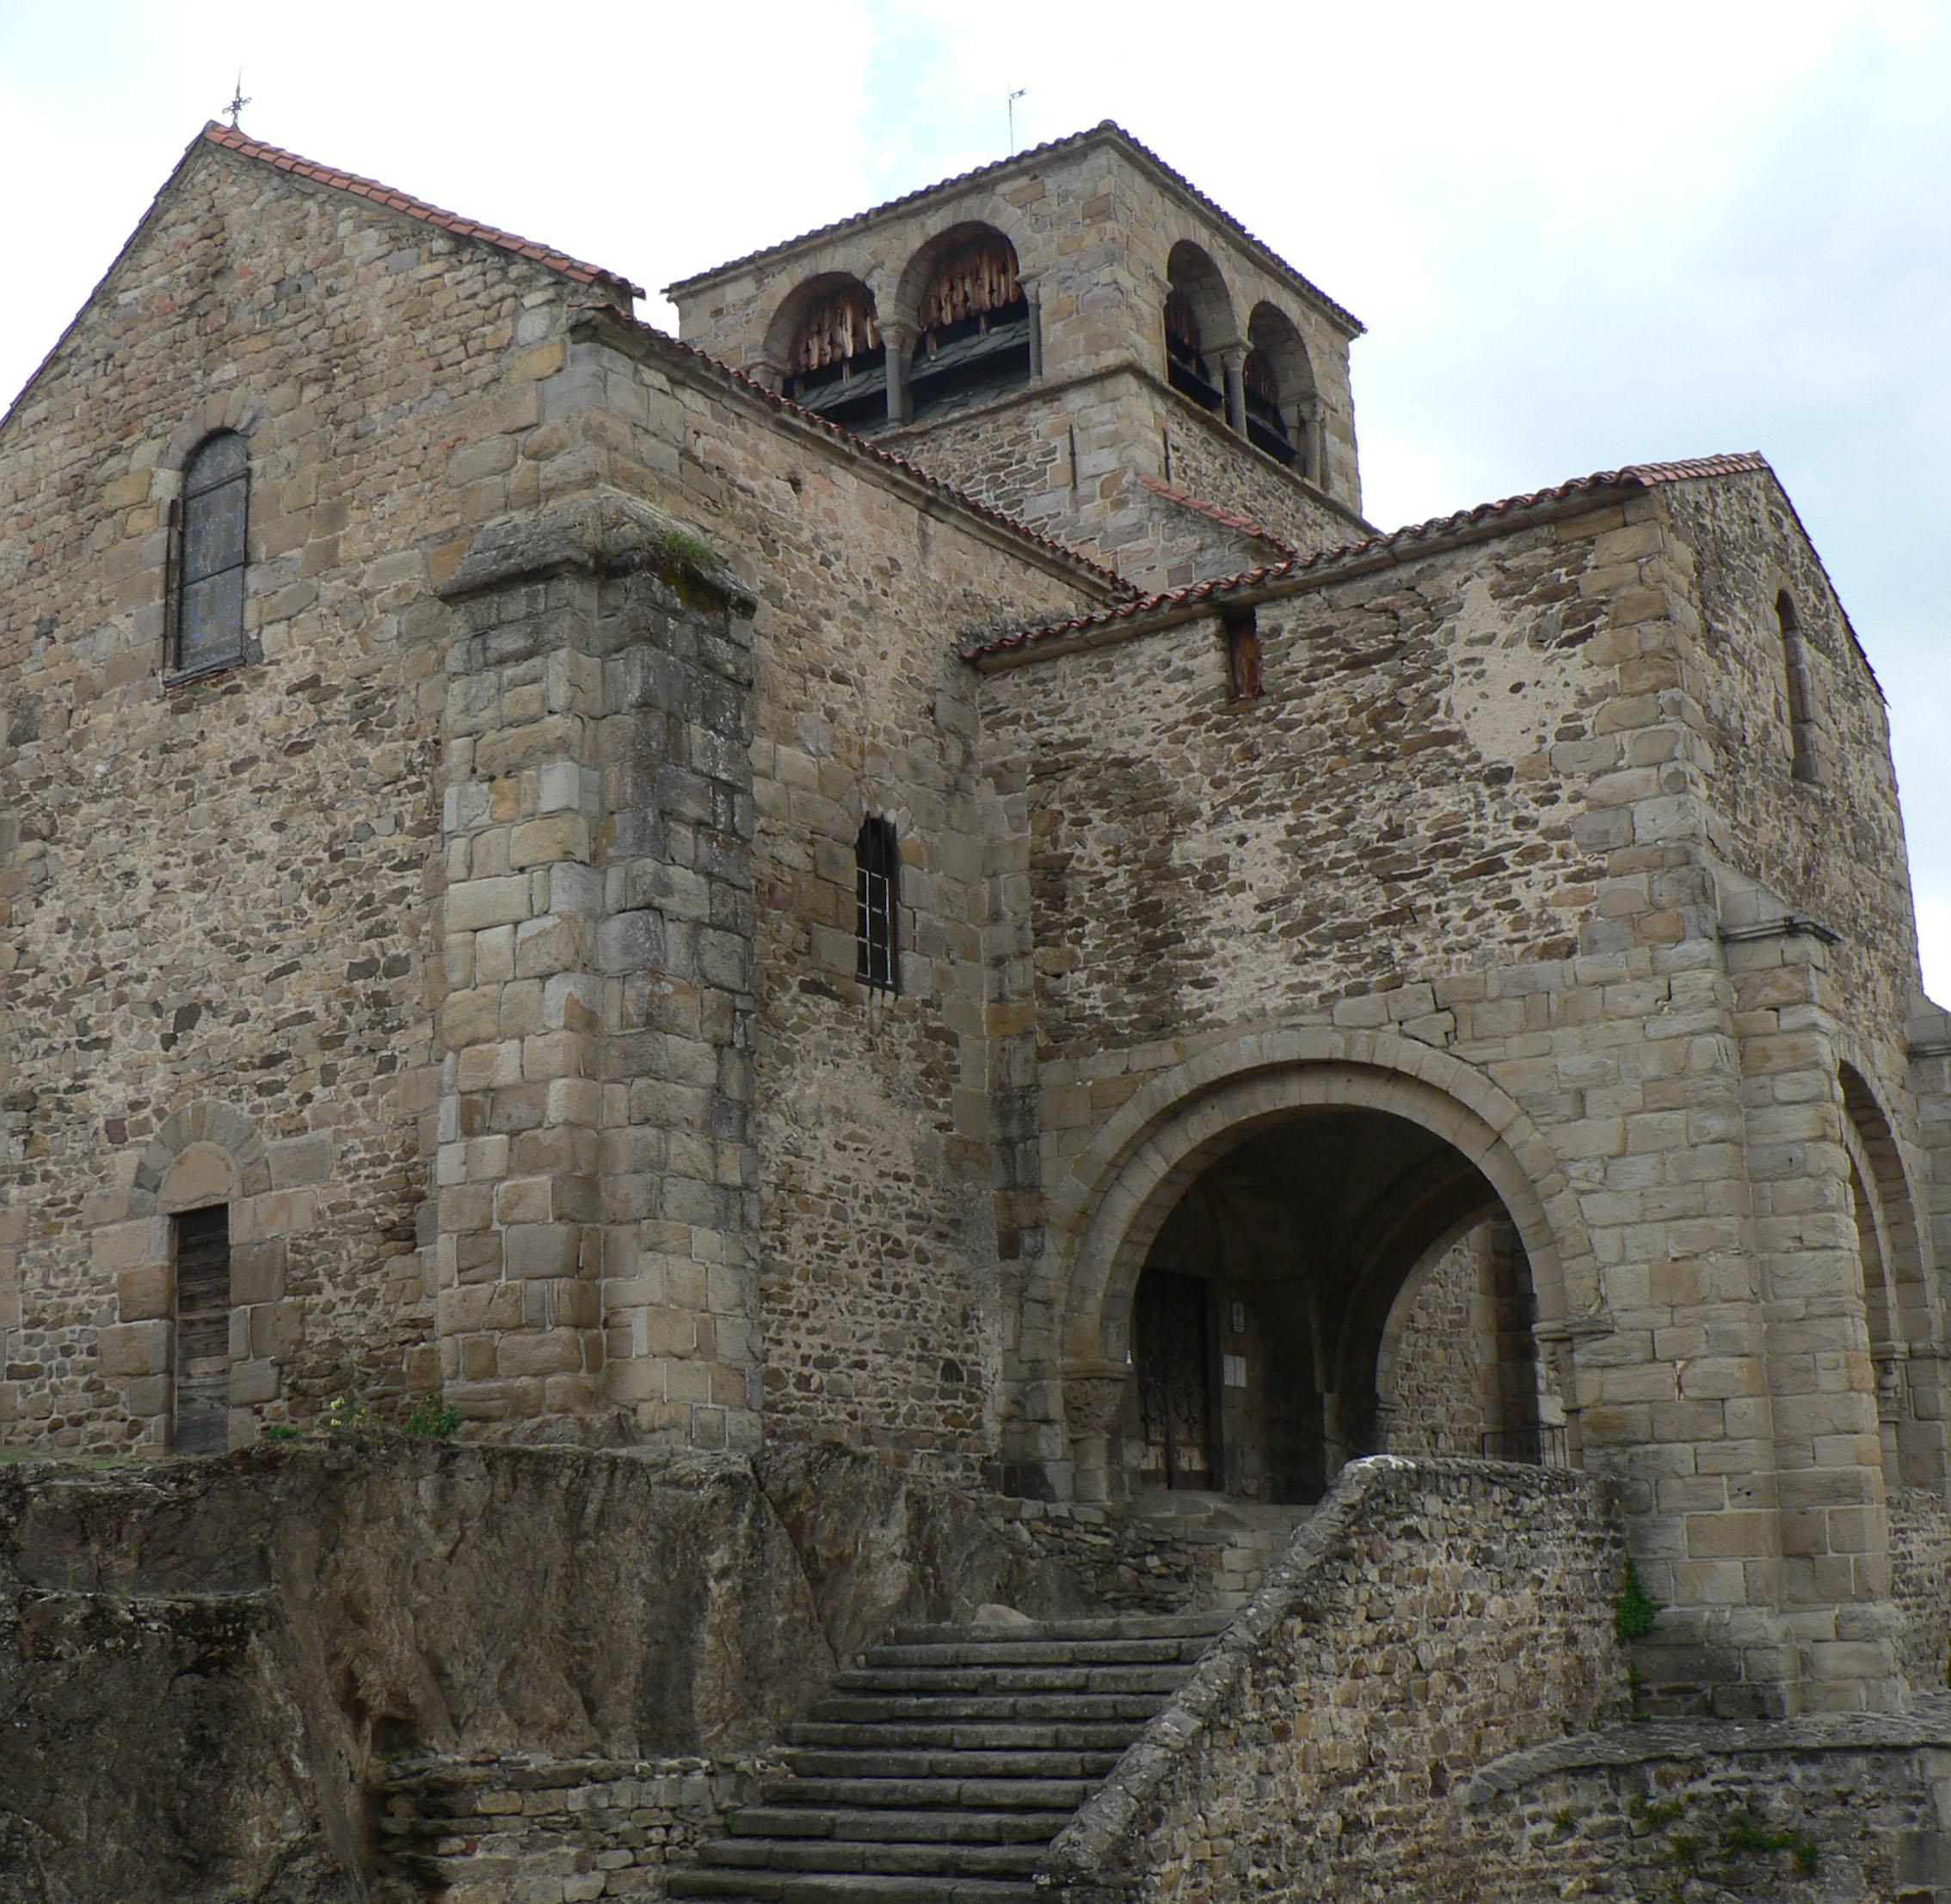 Agence Caillault ACMH – Collégiale Saint-Laurent d'Auzon – Façade ouest avant restauration